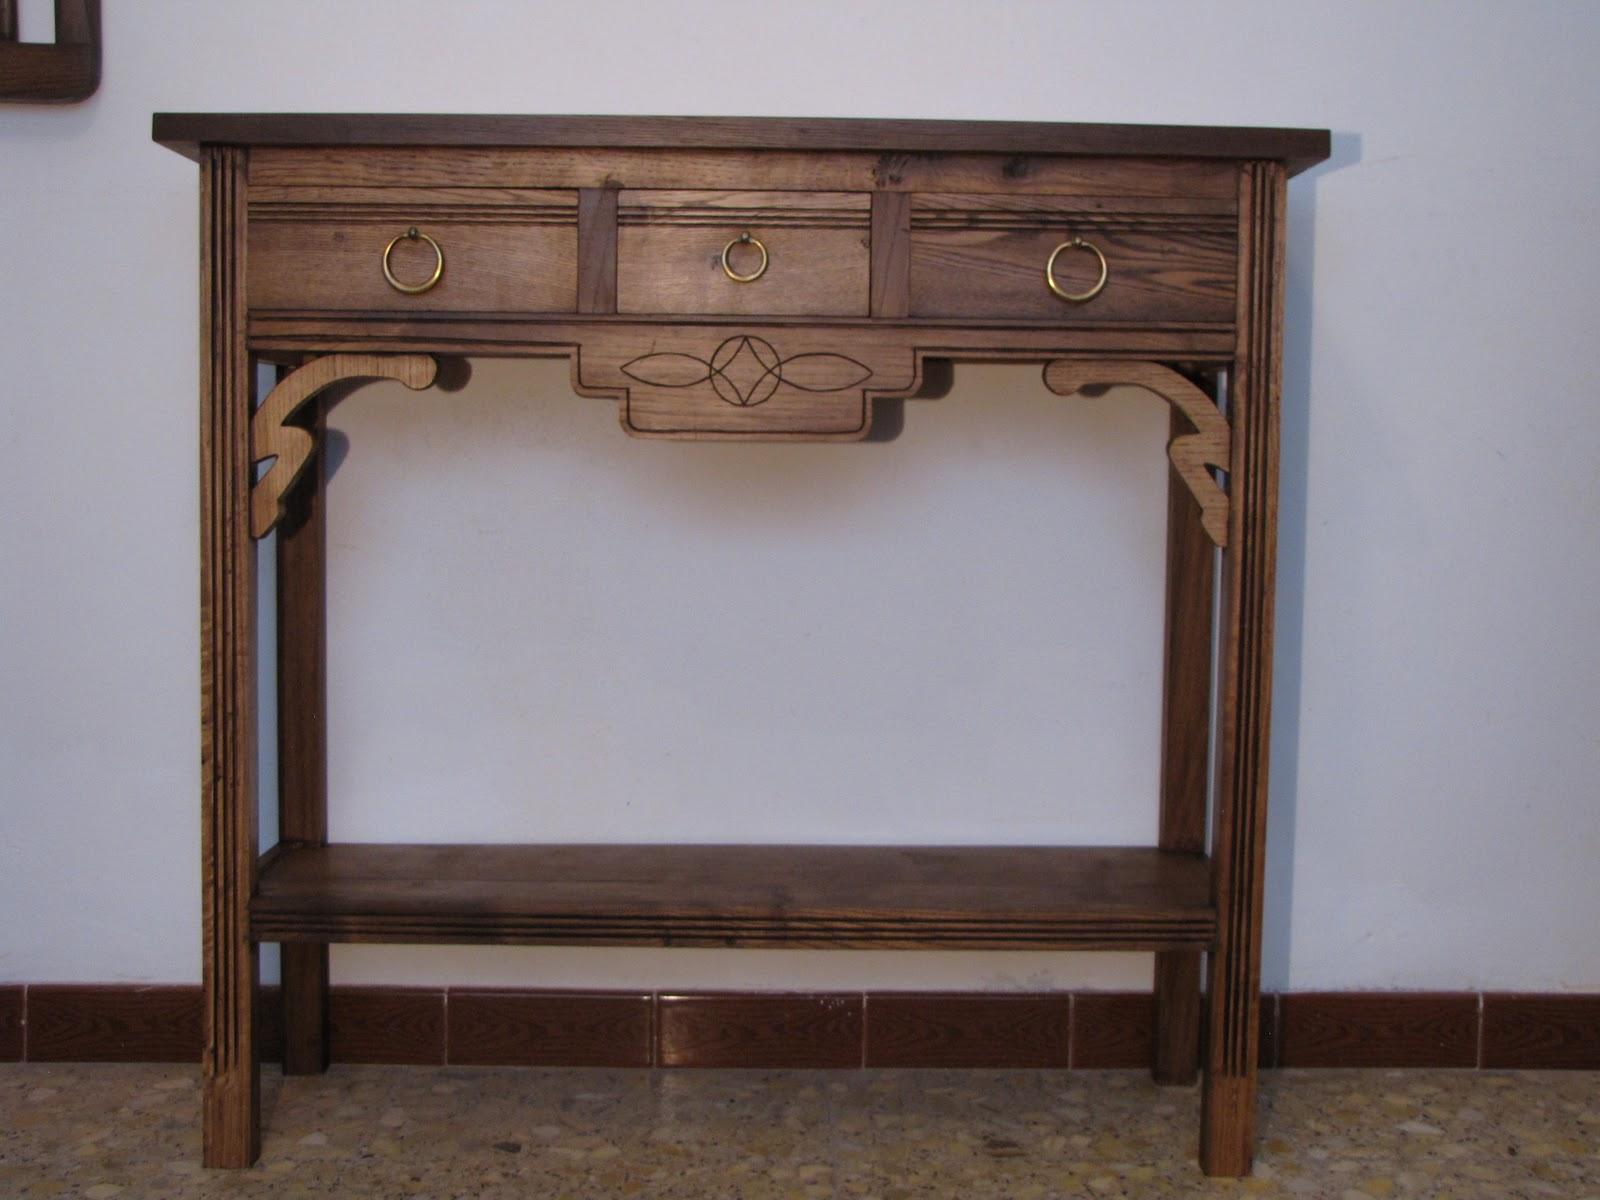 Muebles de madera restaurada aparador en casta o y cerezo - Muebles de castano ...